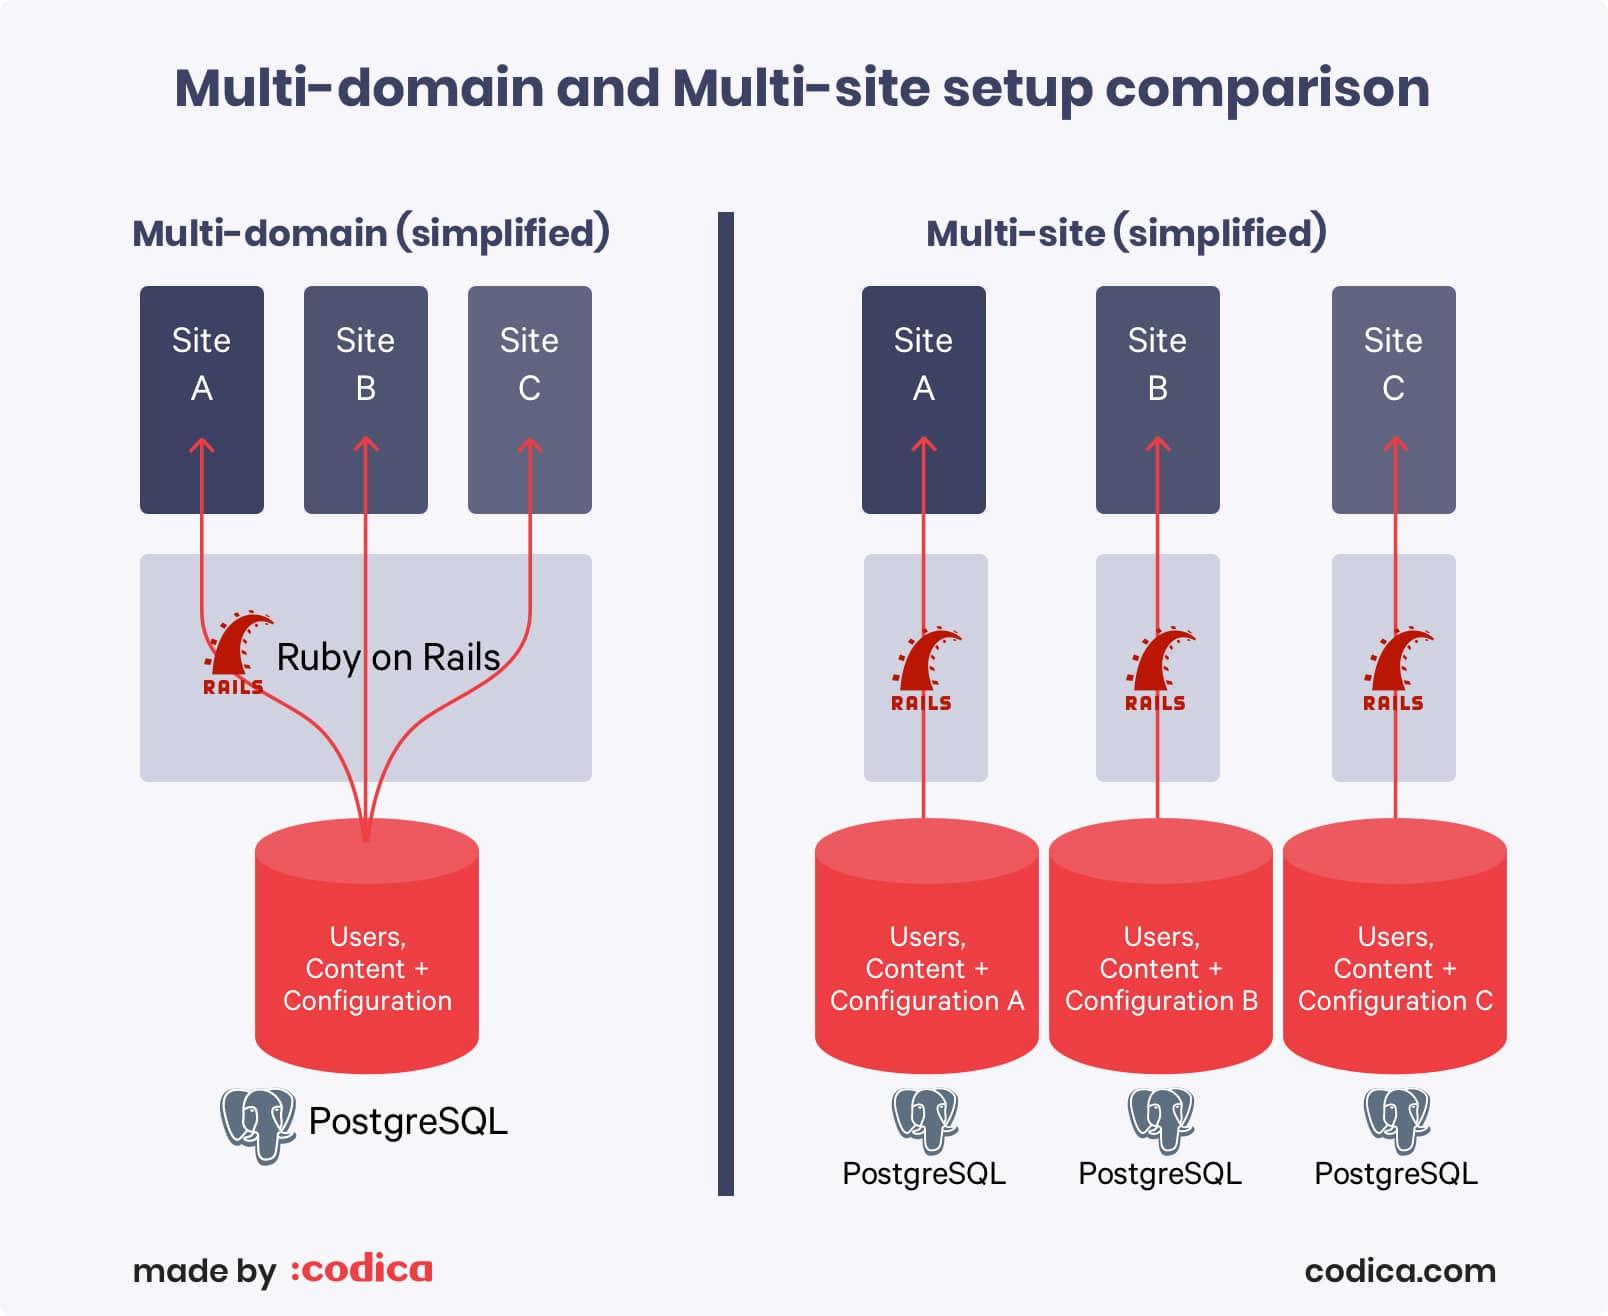 Multi-domain vs multi-site setup for Rails | Codica